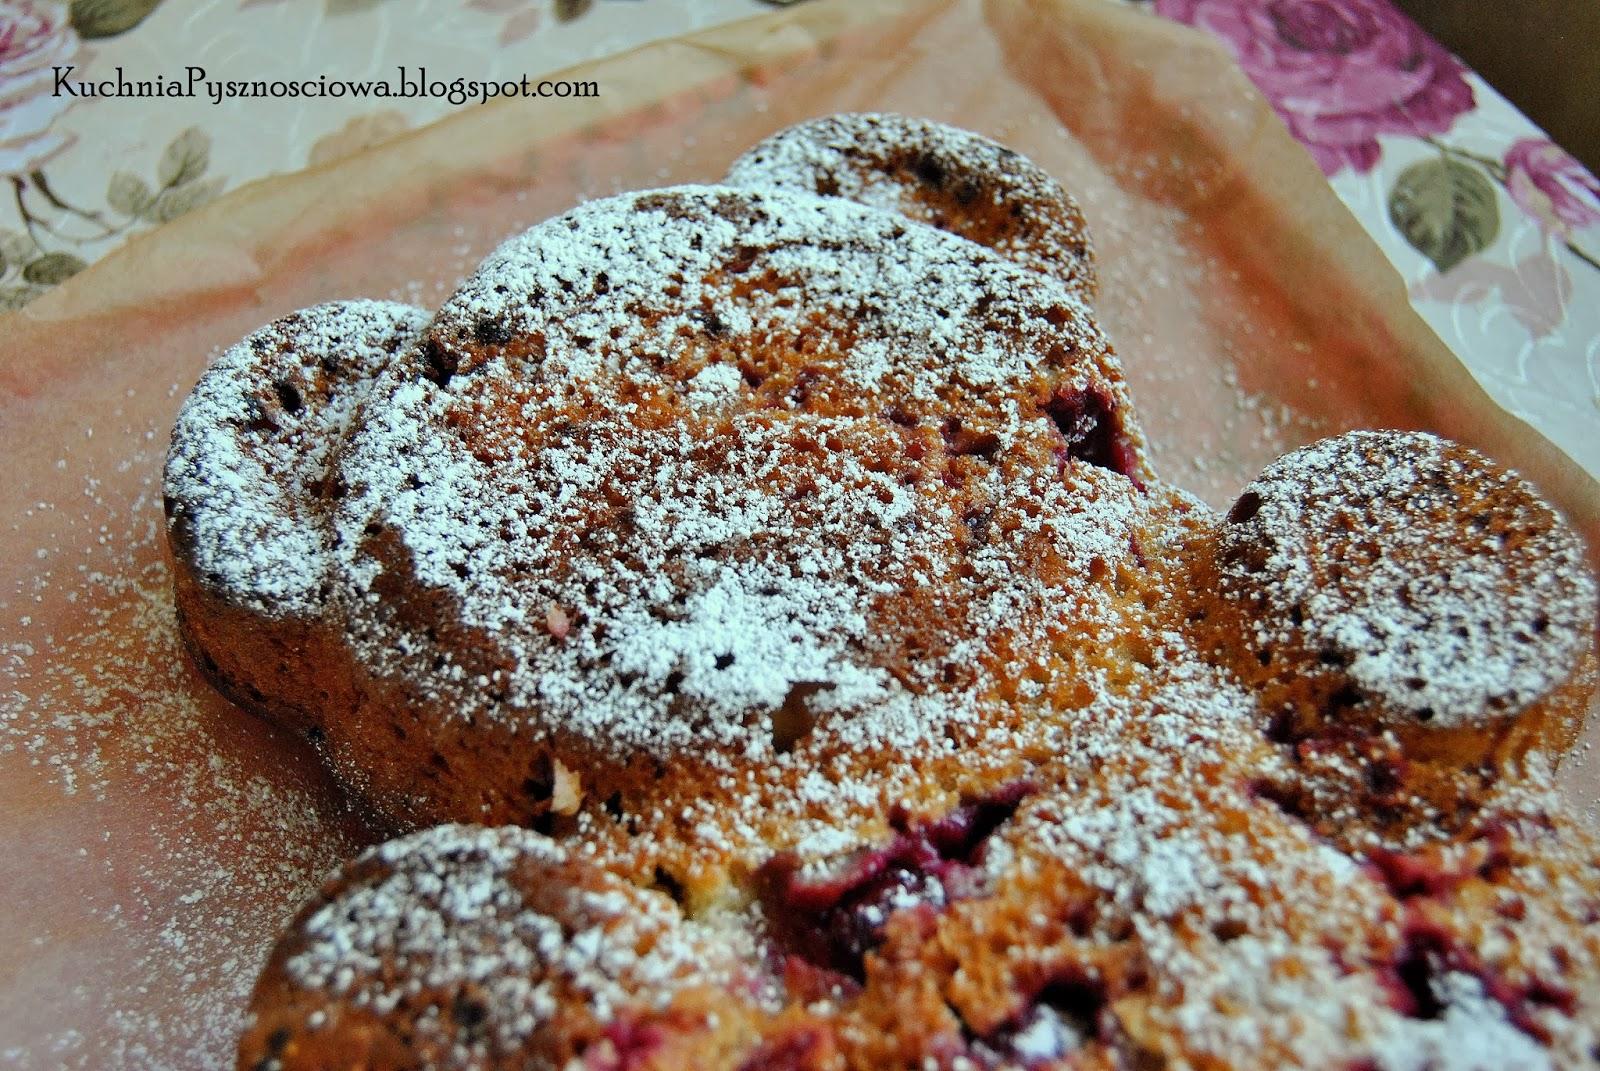 179. Jogurtowe ciasto miś z wiśniami i migdałami